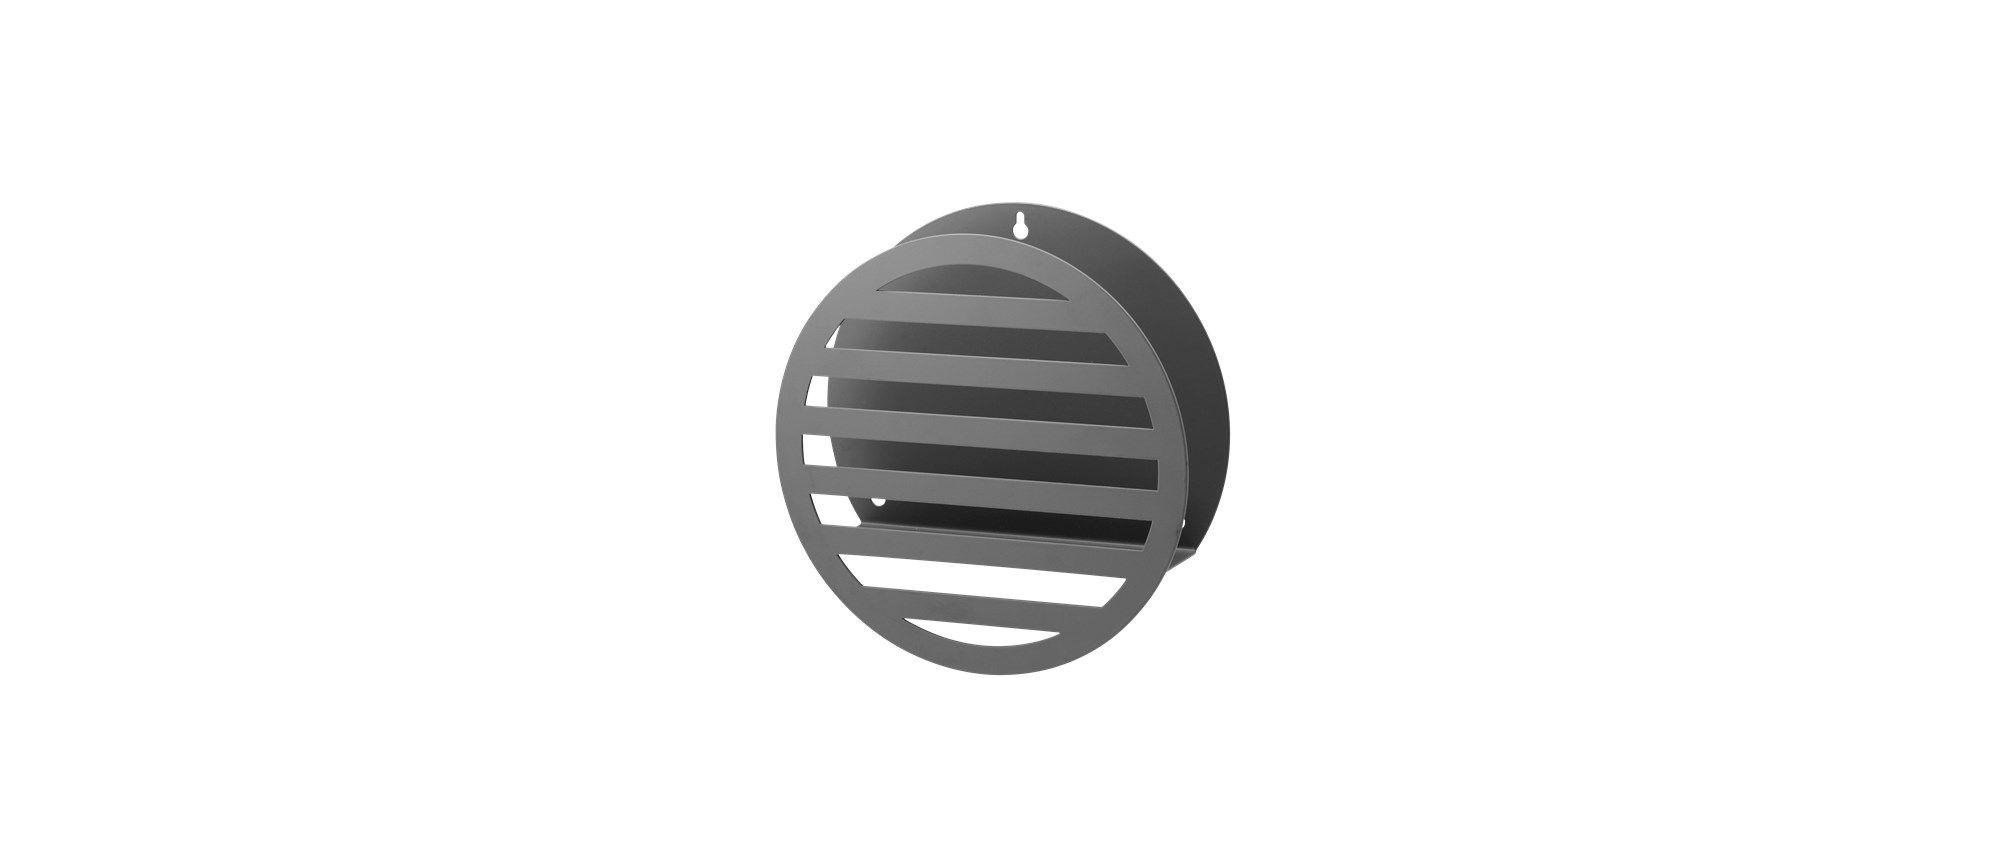 Magasinholderen er grafisk i sit udtryk. Vælg mellem en firkantet, en rund eller en trekanet og  hæng den op på den ene eller anden led - eller lad den stå på gulvet, i reolen eller vindueskarmen.